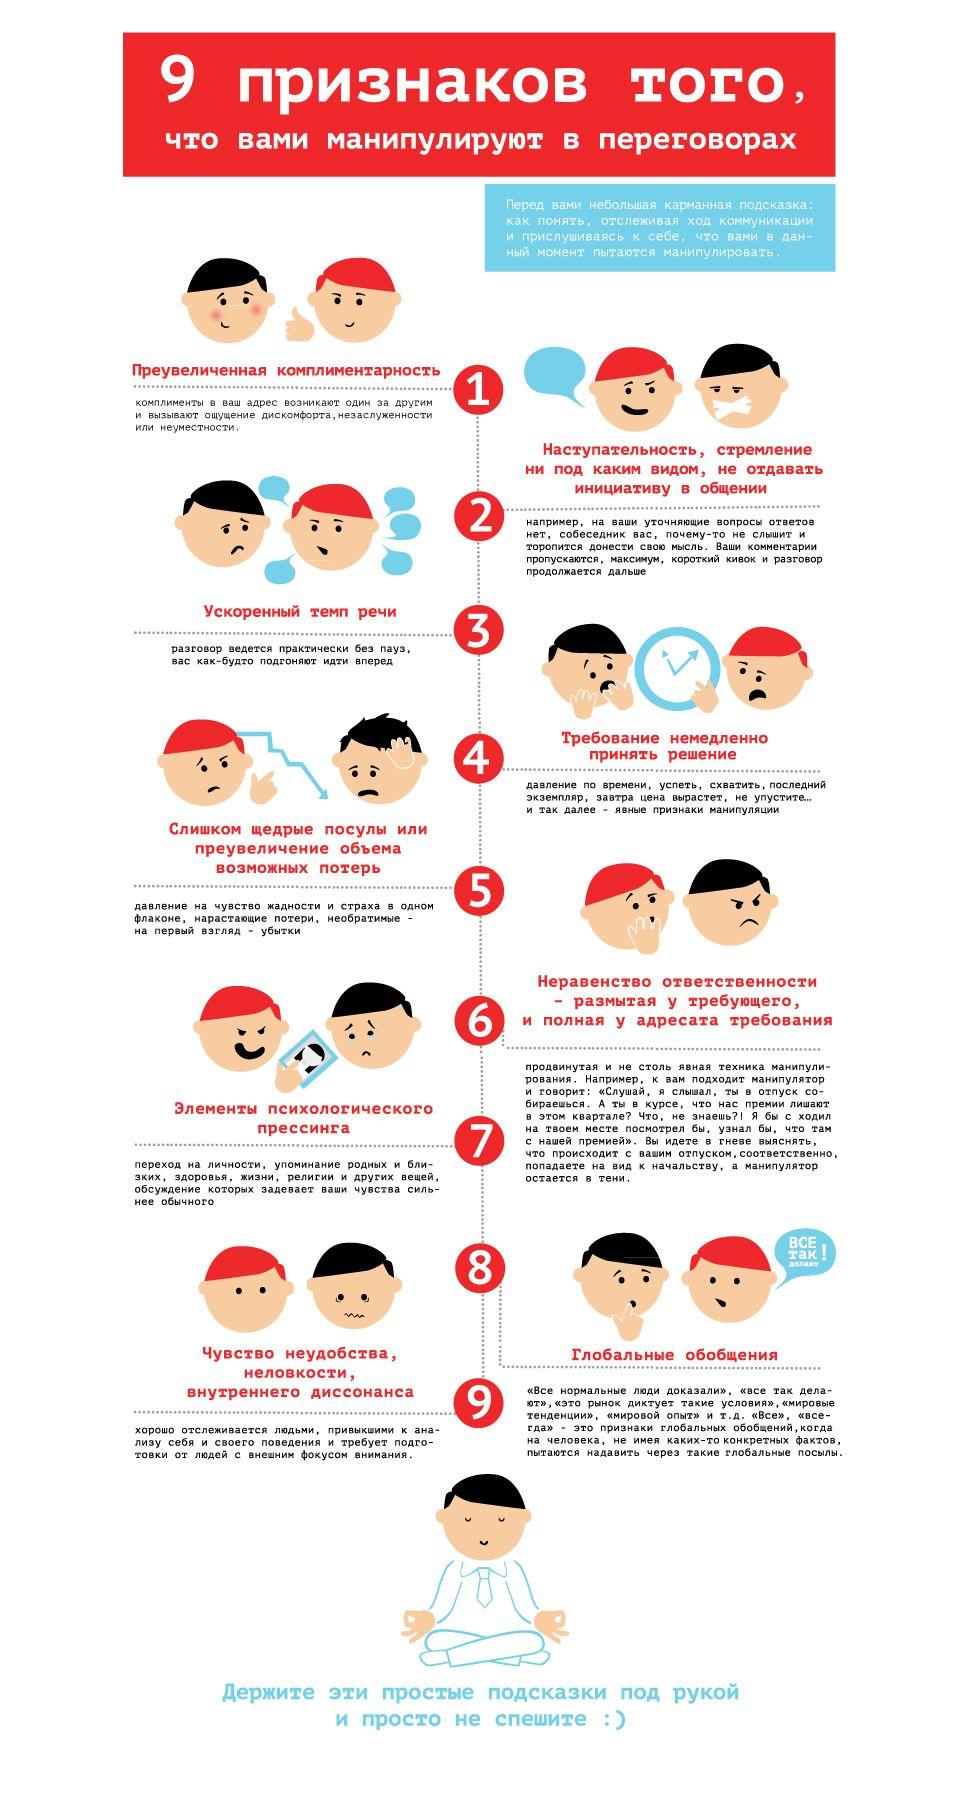 Инфографика по манипуляциям в переговорах  - дизайнер kolotova